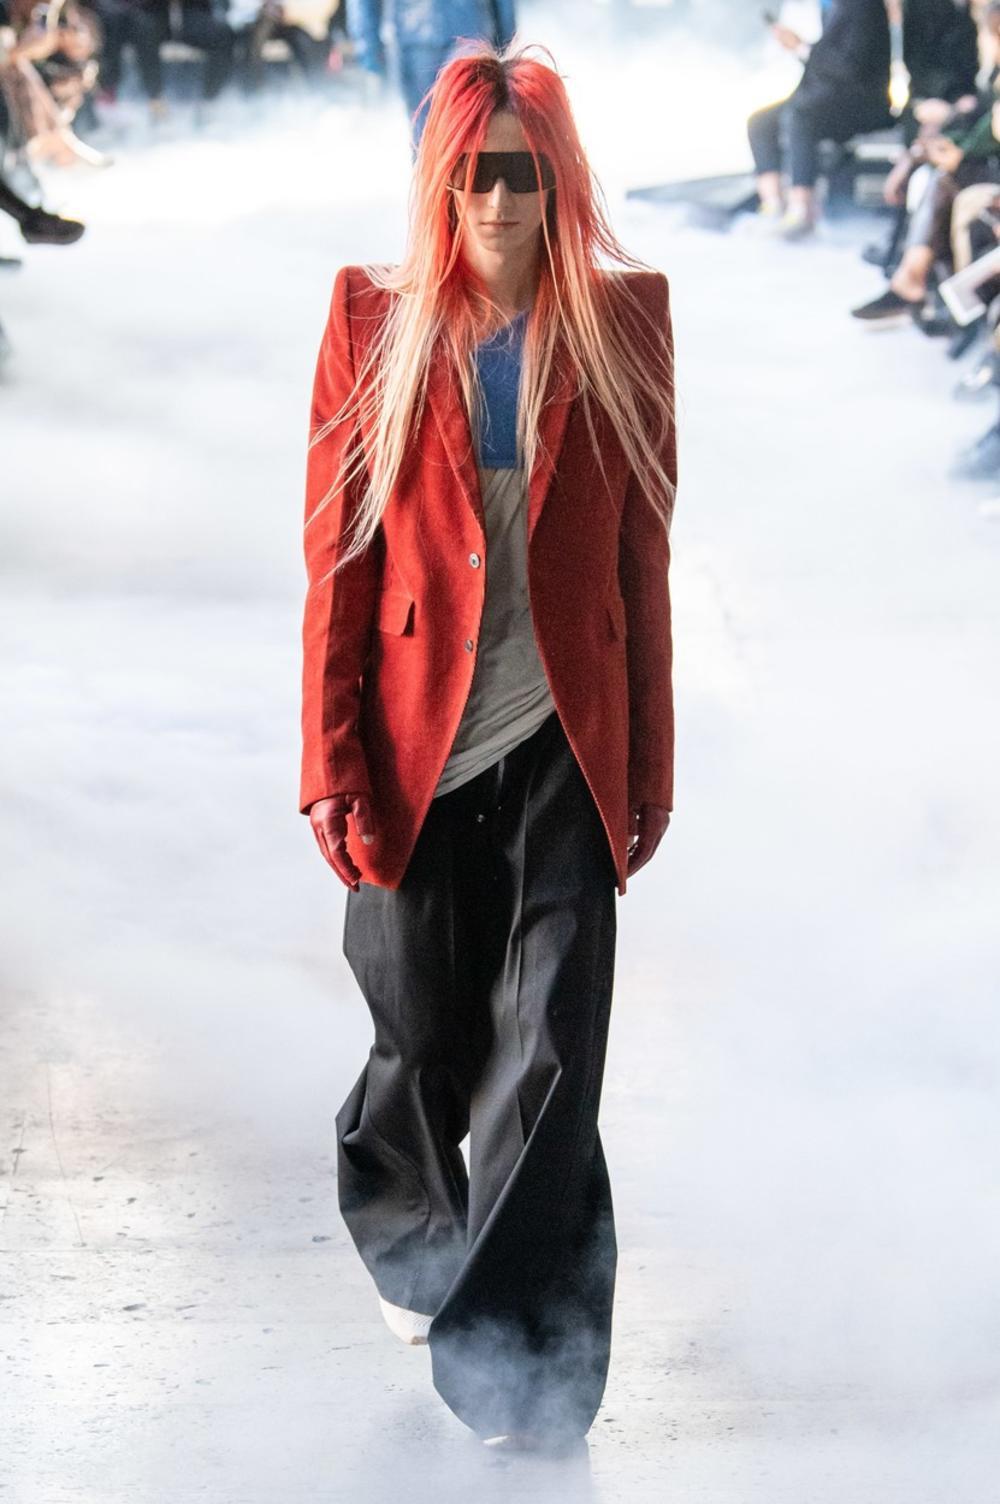 <p>Svi manekeni nose dugačke kose!</p>